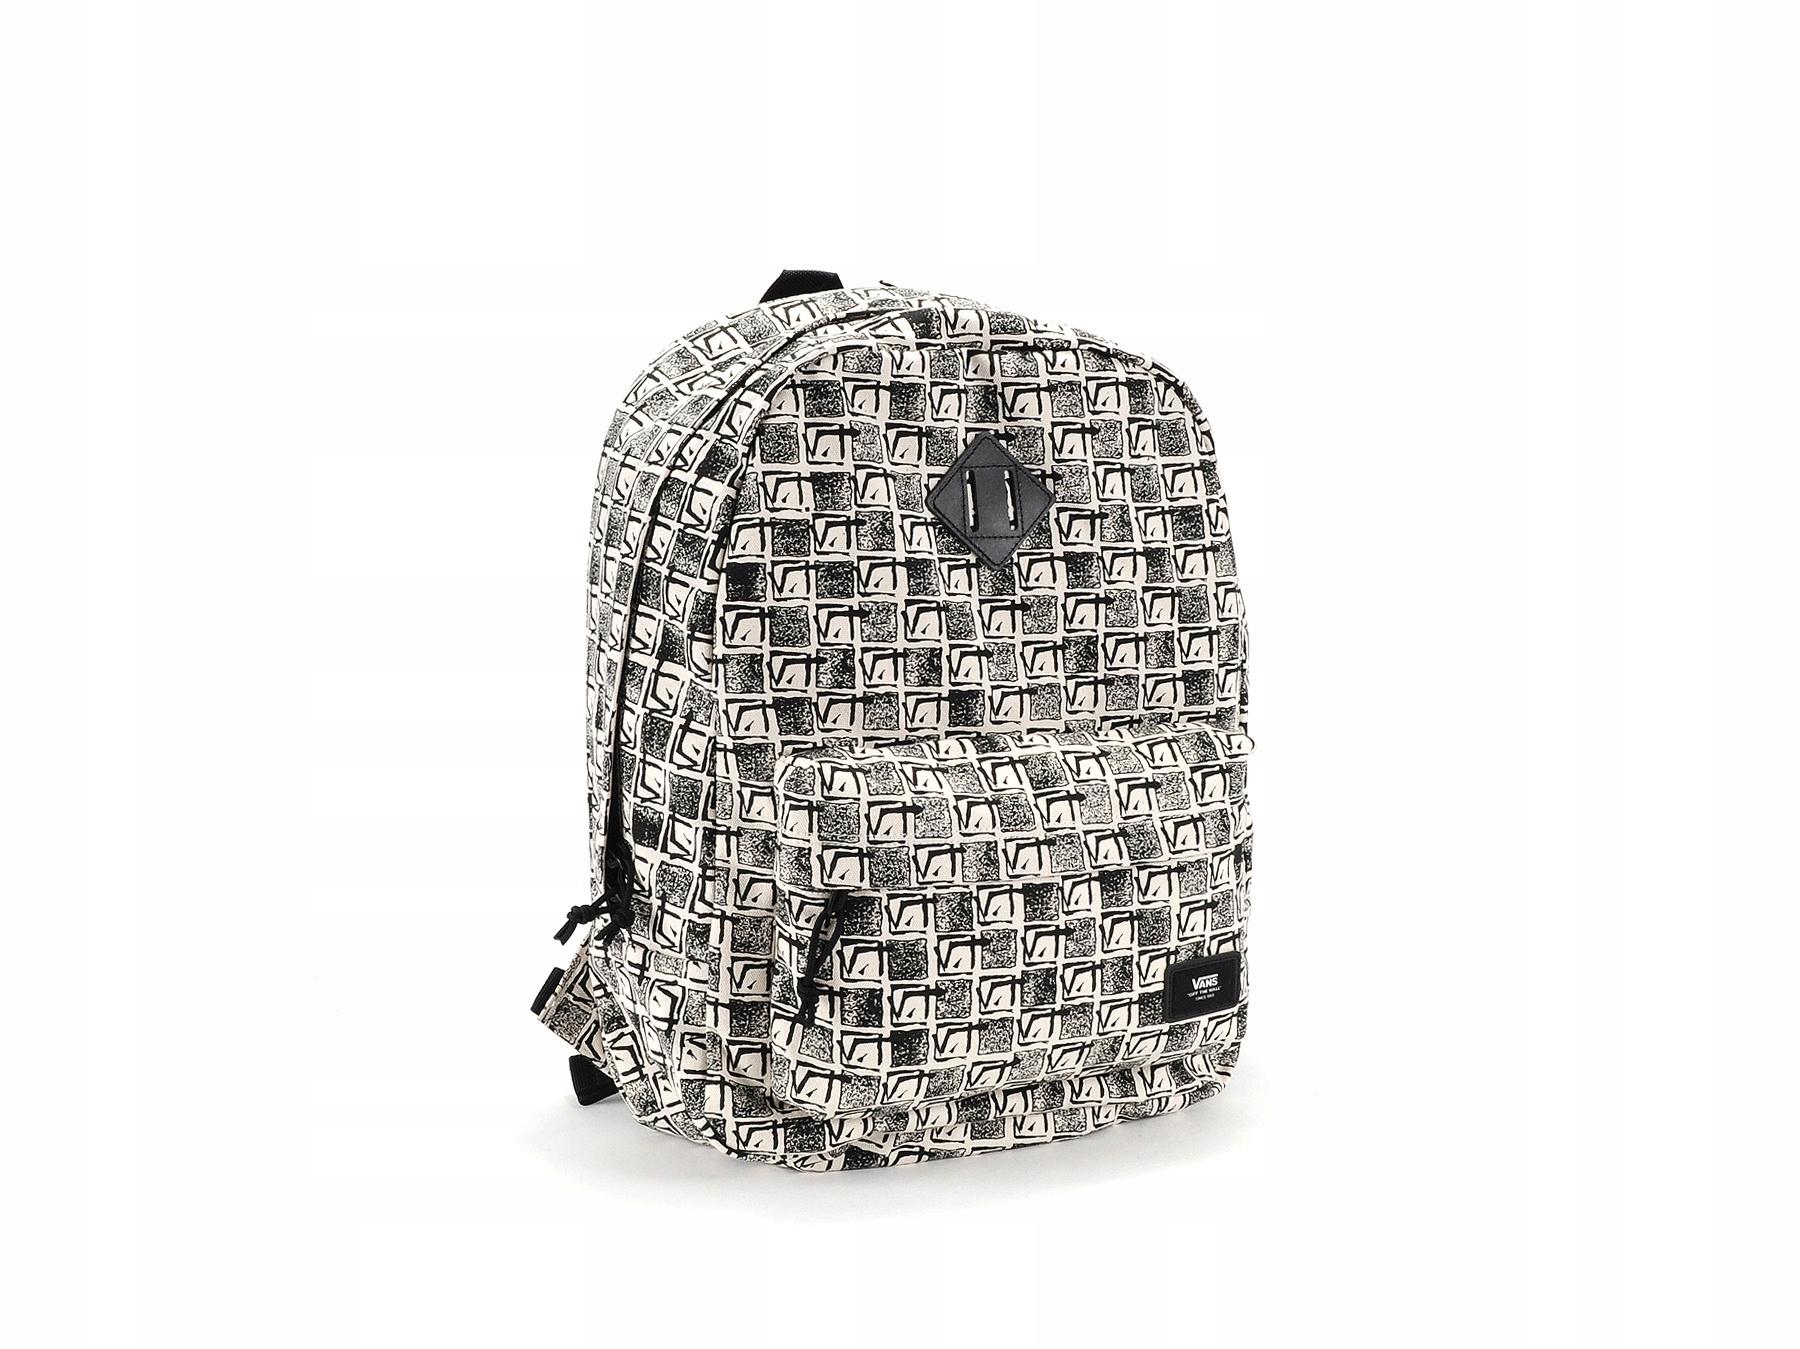 043e1d05104af Plecak Vans Old Skool Plus Backpack Vintage - 7525538684 - oficjalne ...